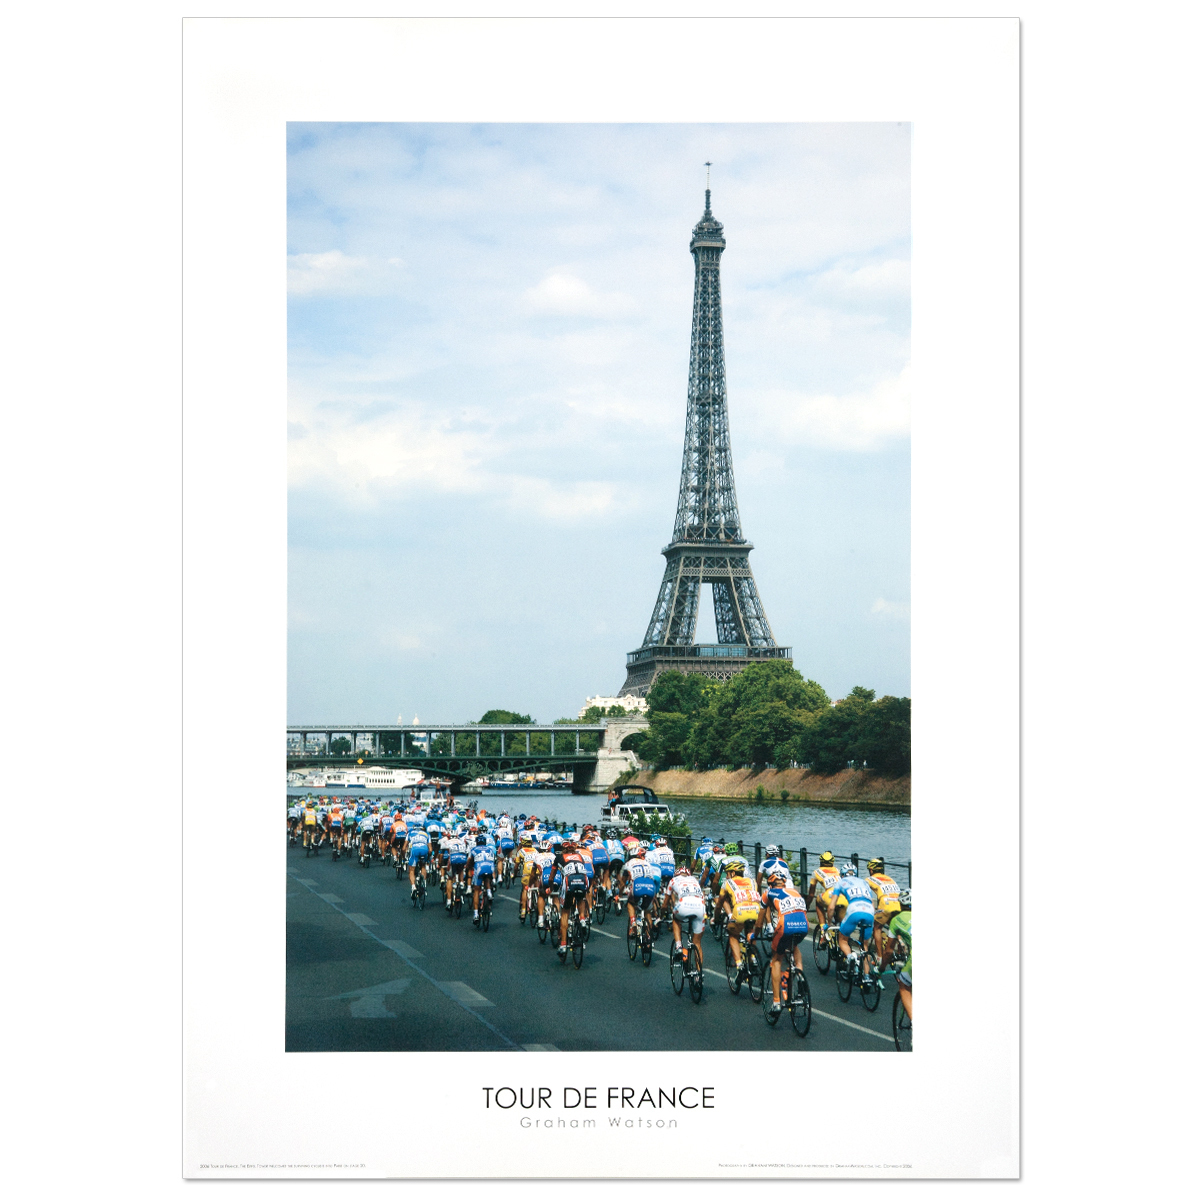 2006 Tour de France - Eiffel Tower Mini Poster